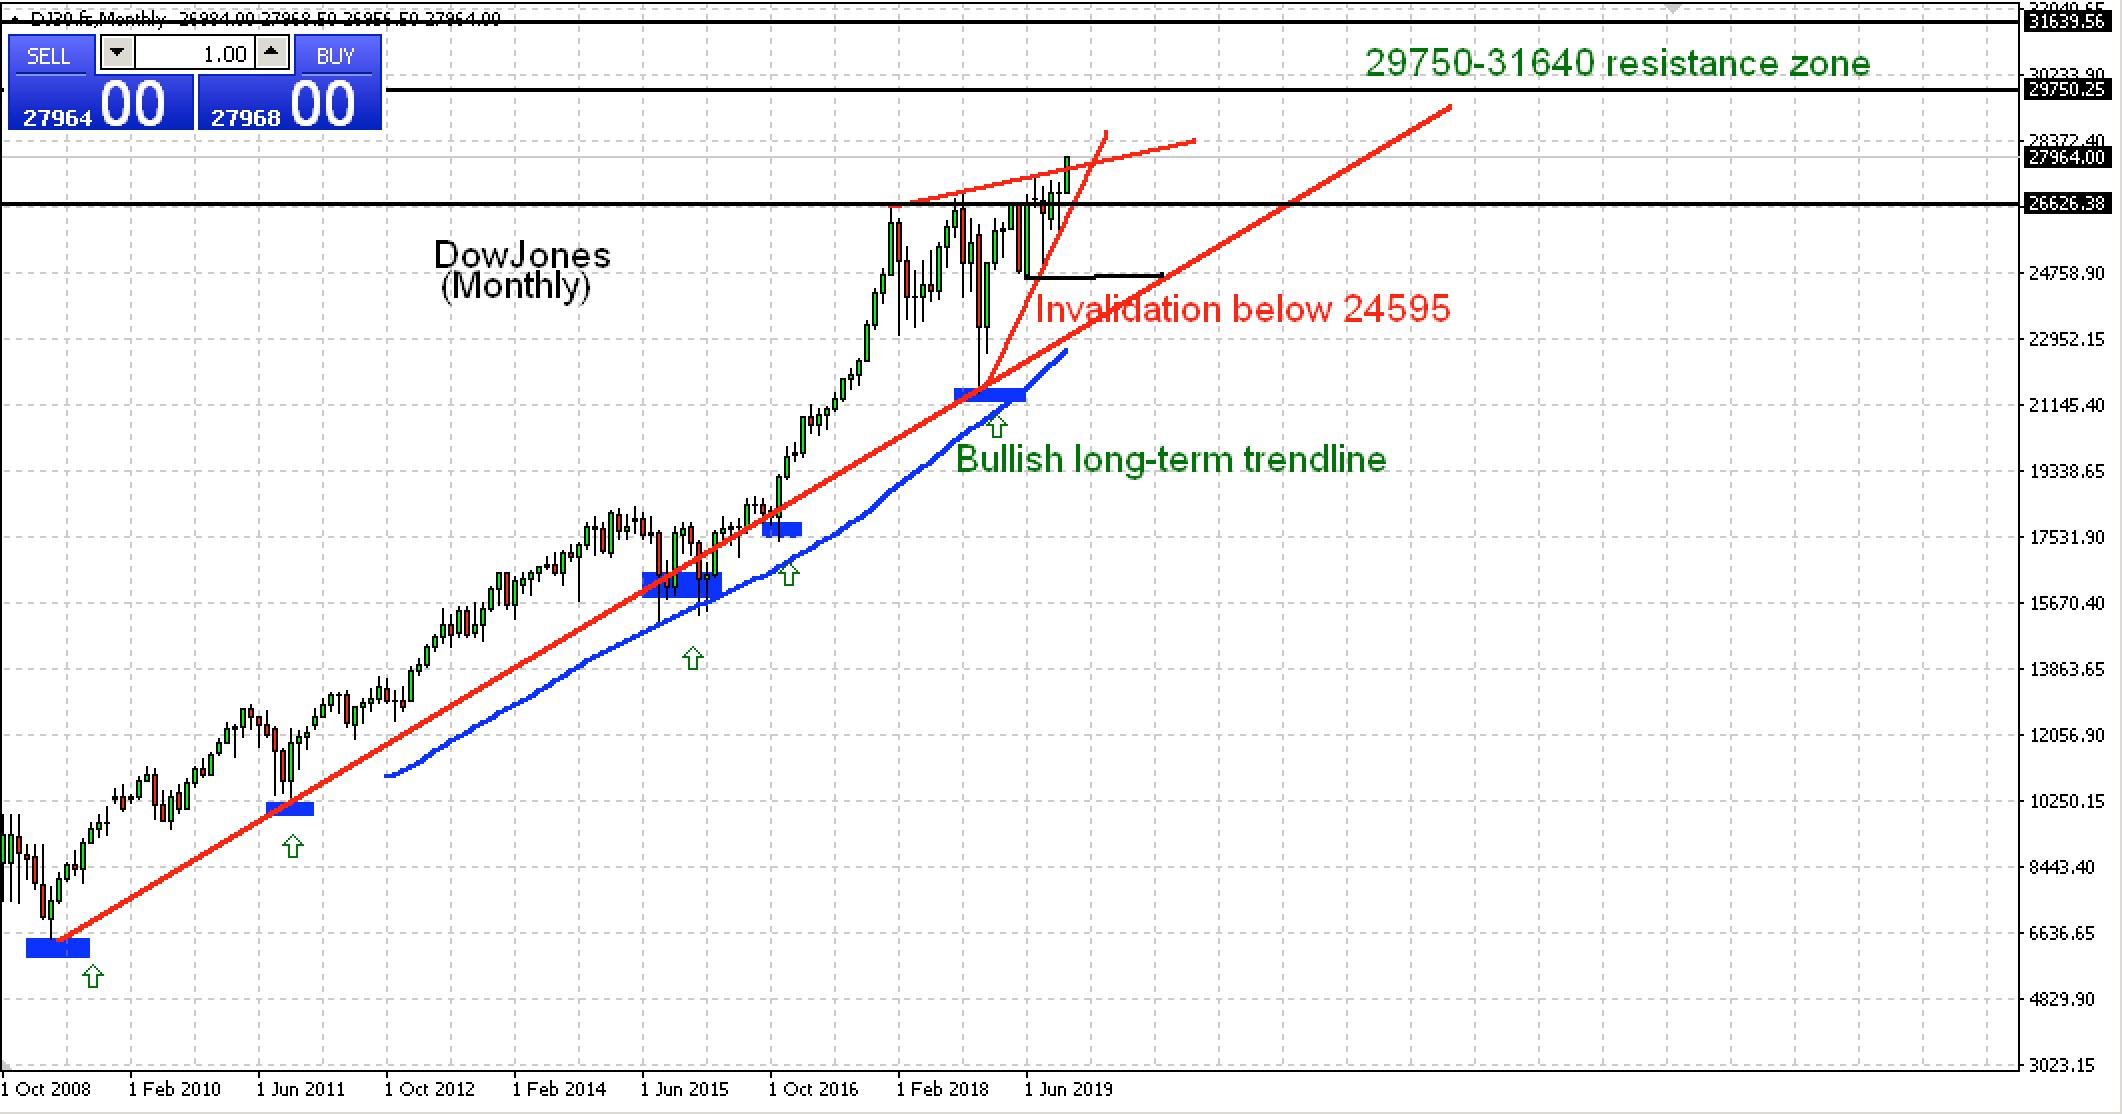 Dow Jones Chart, Source: AxiTrader